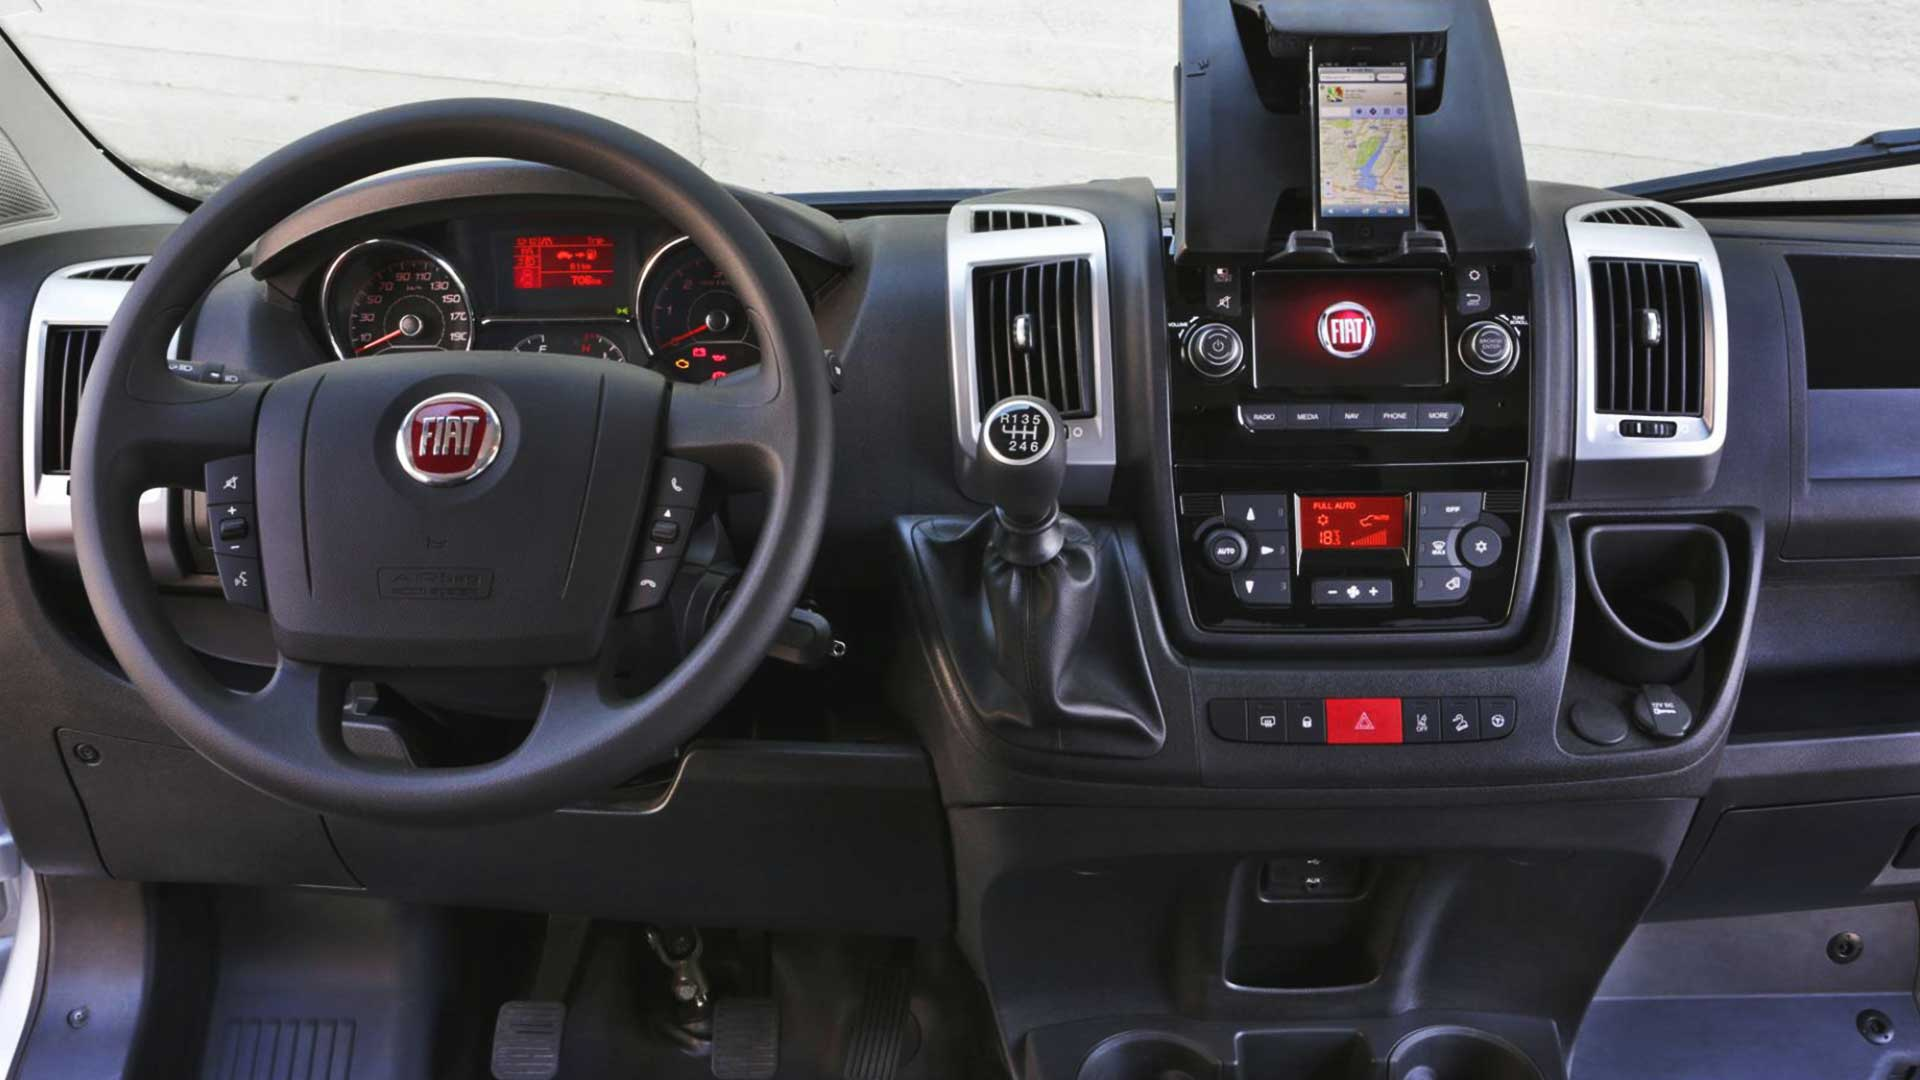 fiat ducato steering wheel lock